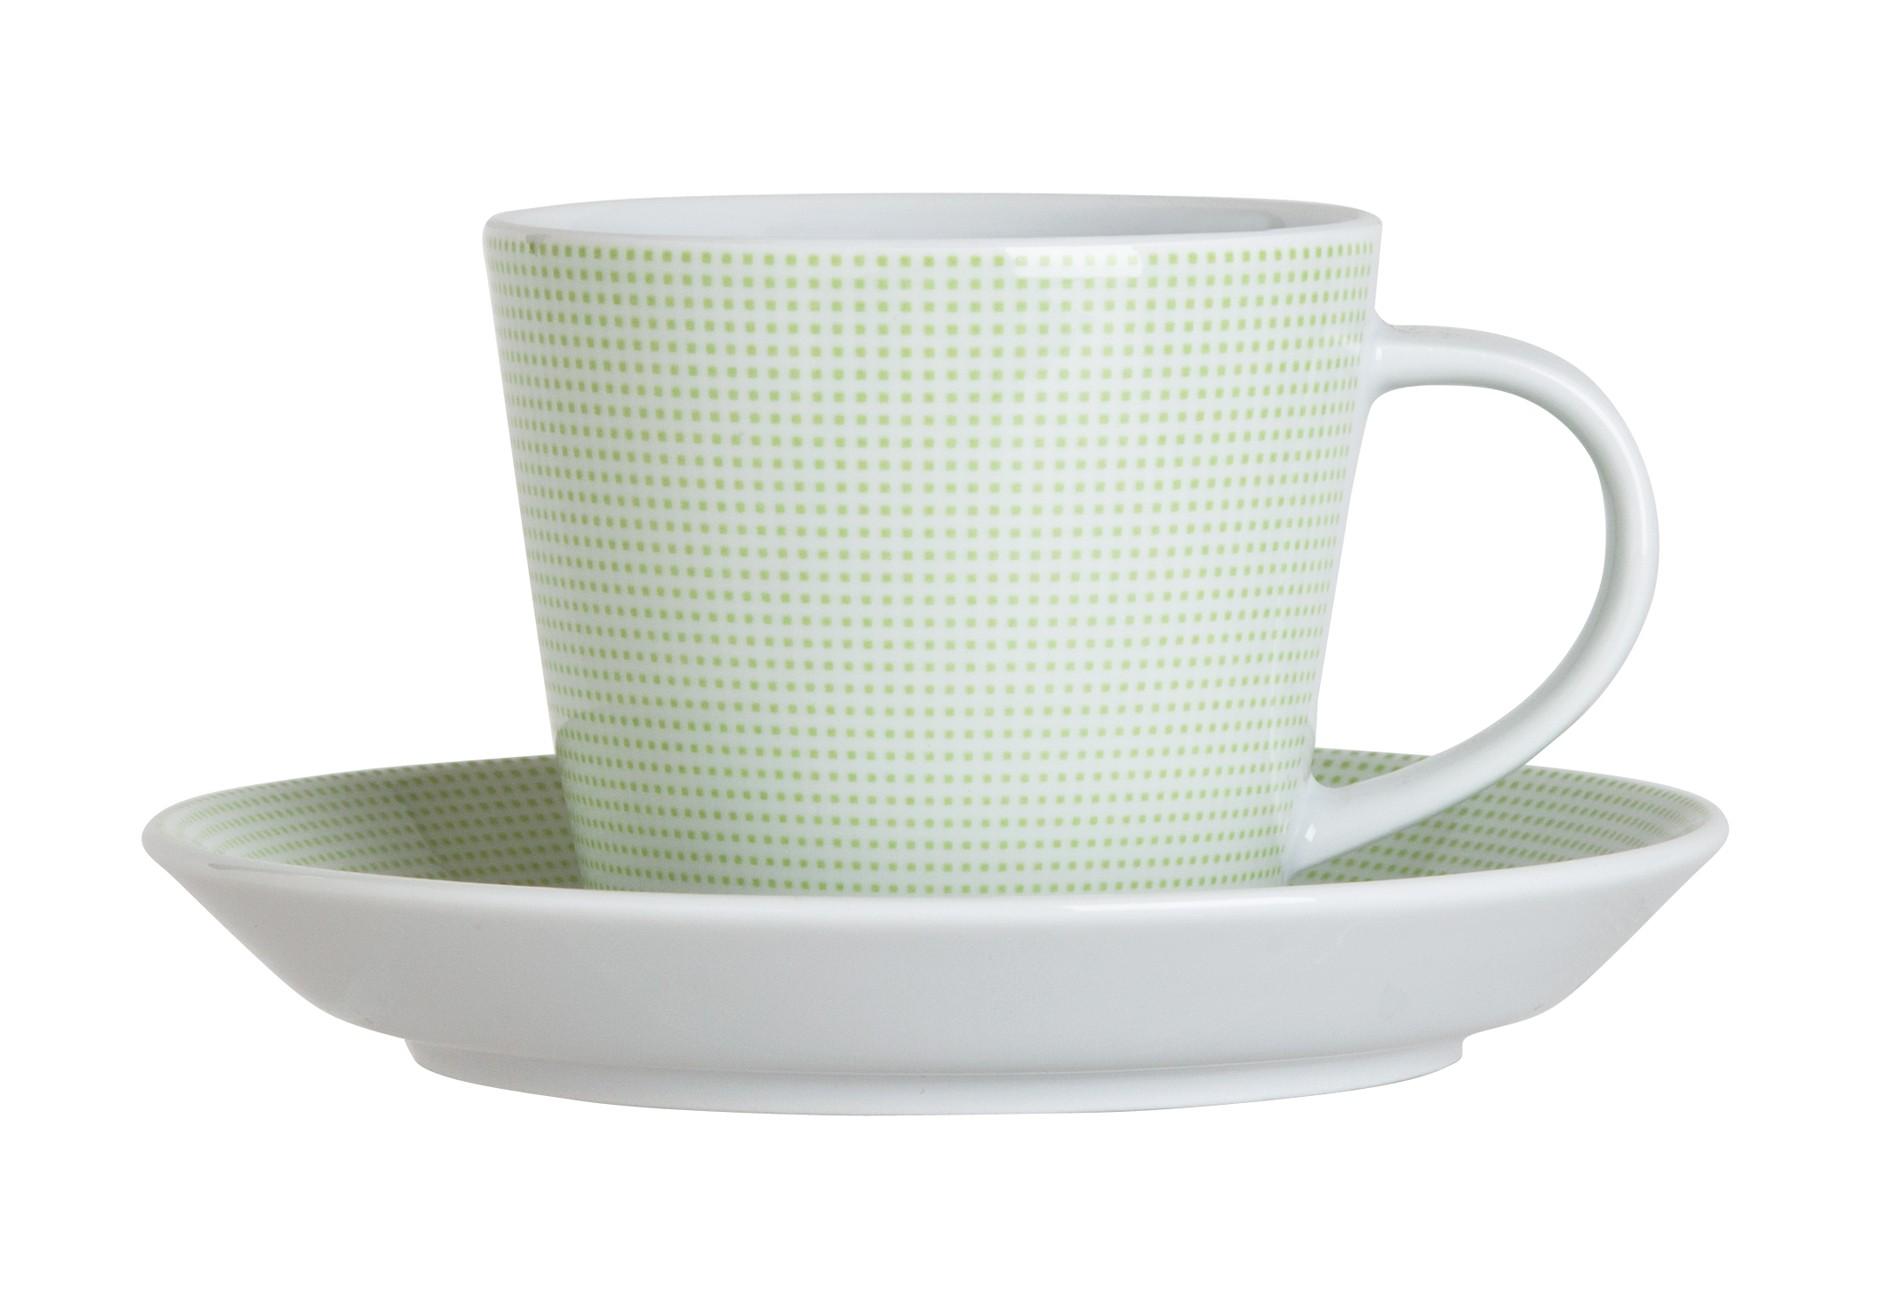 Φλυτζάνι & Πιάτο Καφέ Punto Green Σετ 6τμχ Ionia home   ειδη cafe τσαϊ   κούπες   φλυτζάνια